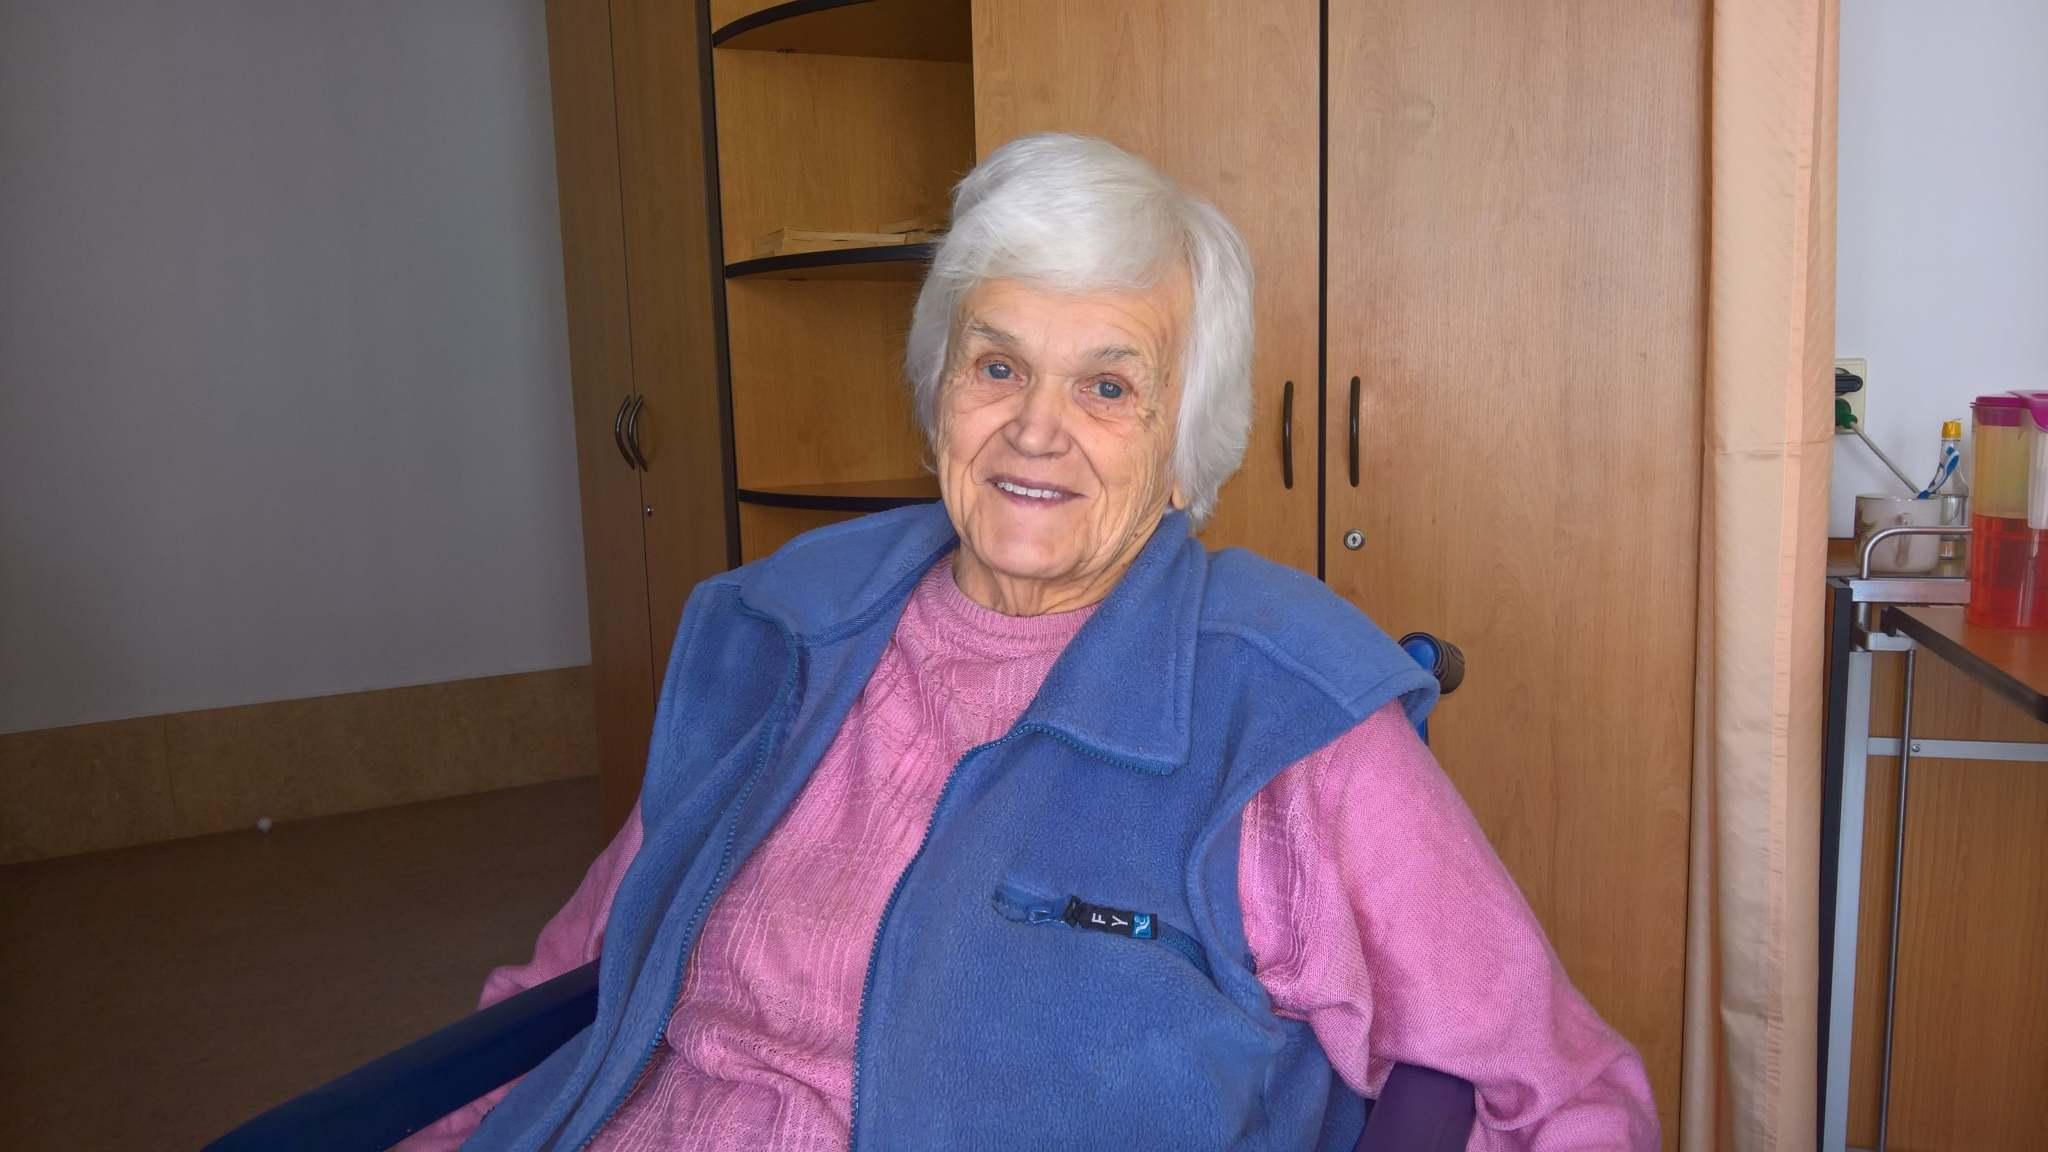 Paní Jarmila žije v Domově důchodců ve Dvoře Králové nad Labem